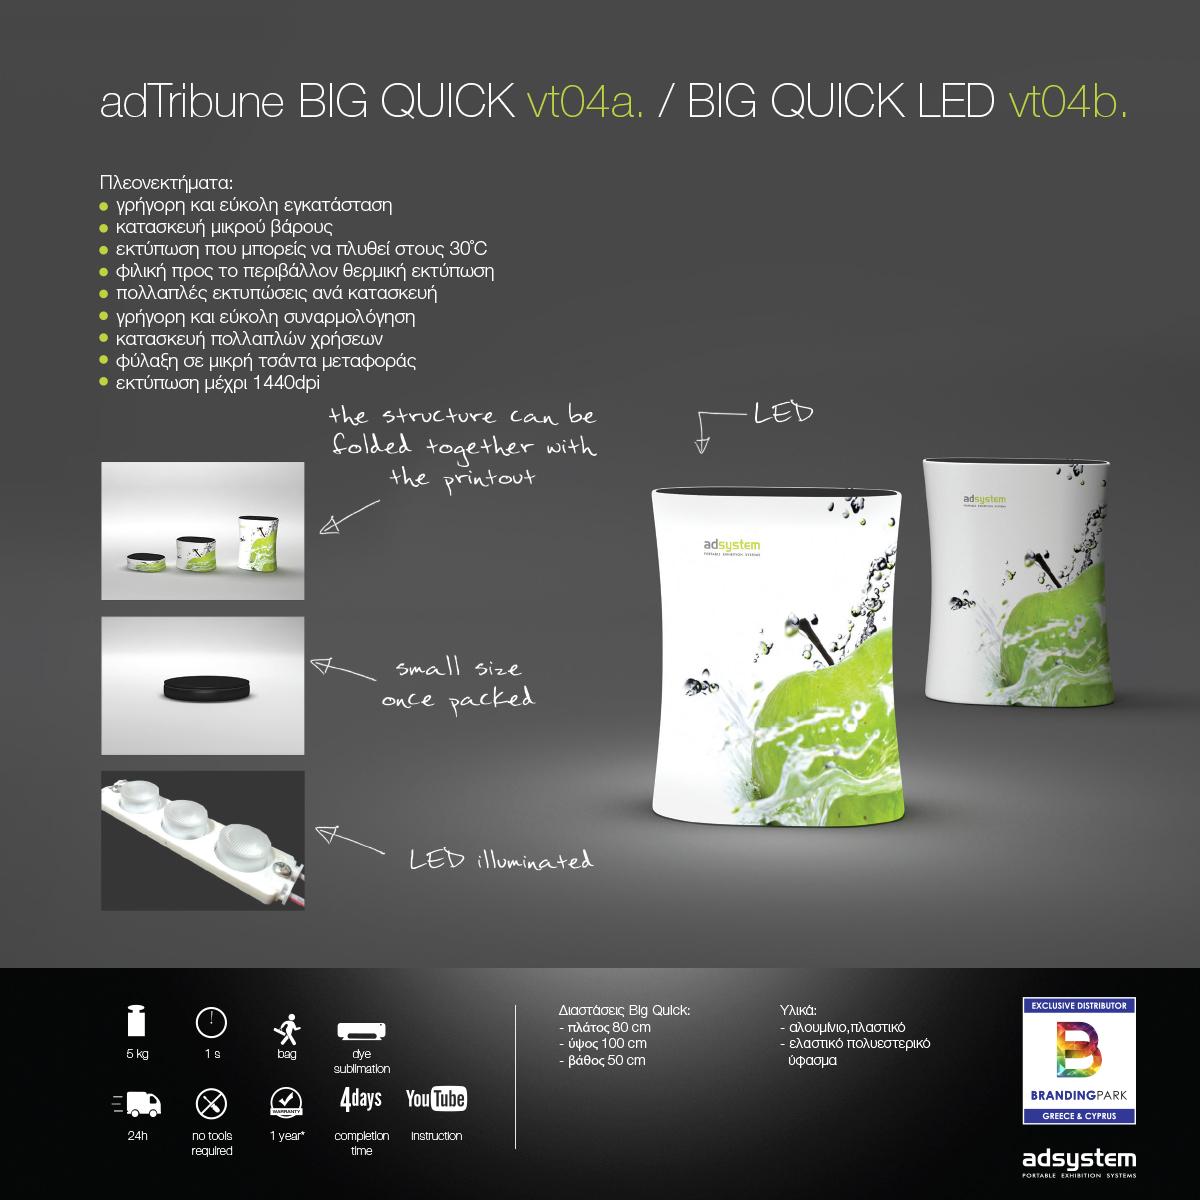 Promo desk adTribune BIG QUICK vt04a. / BIG QUICK LED vt04b.